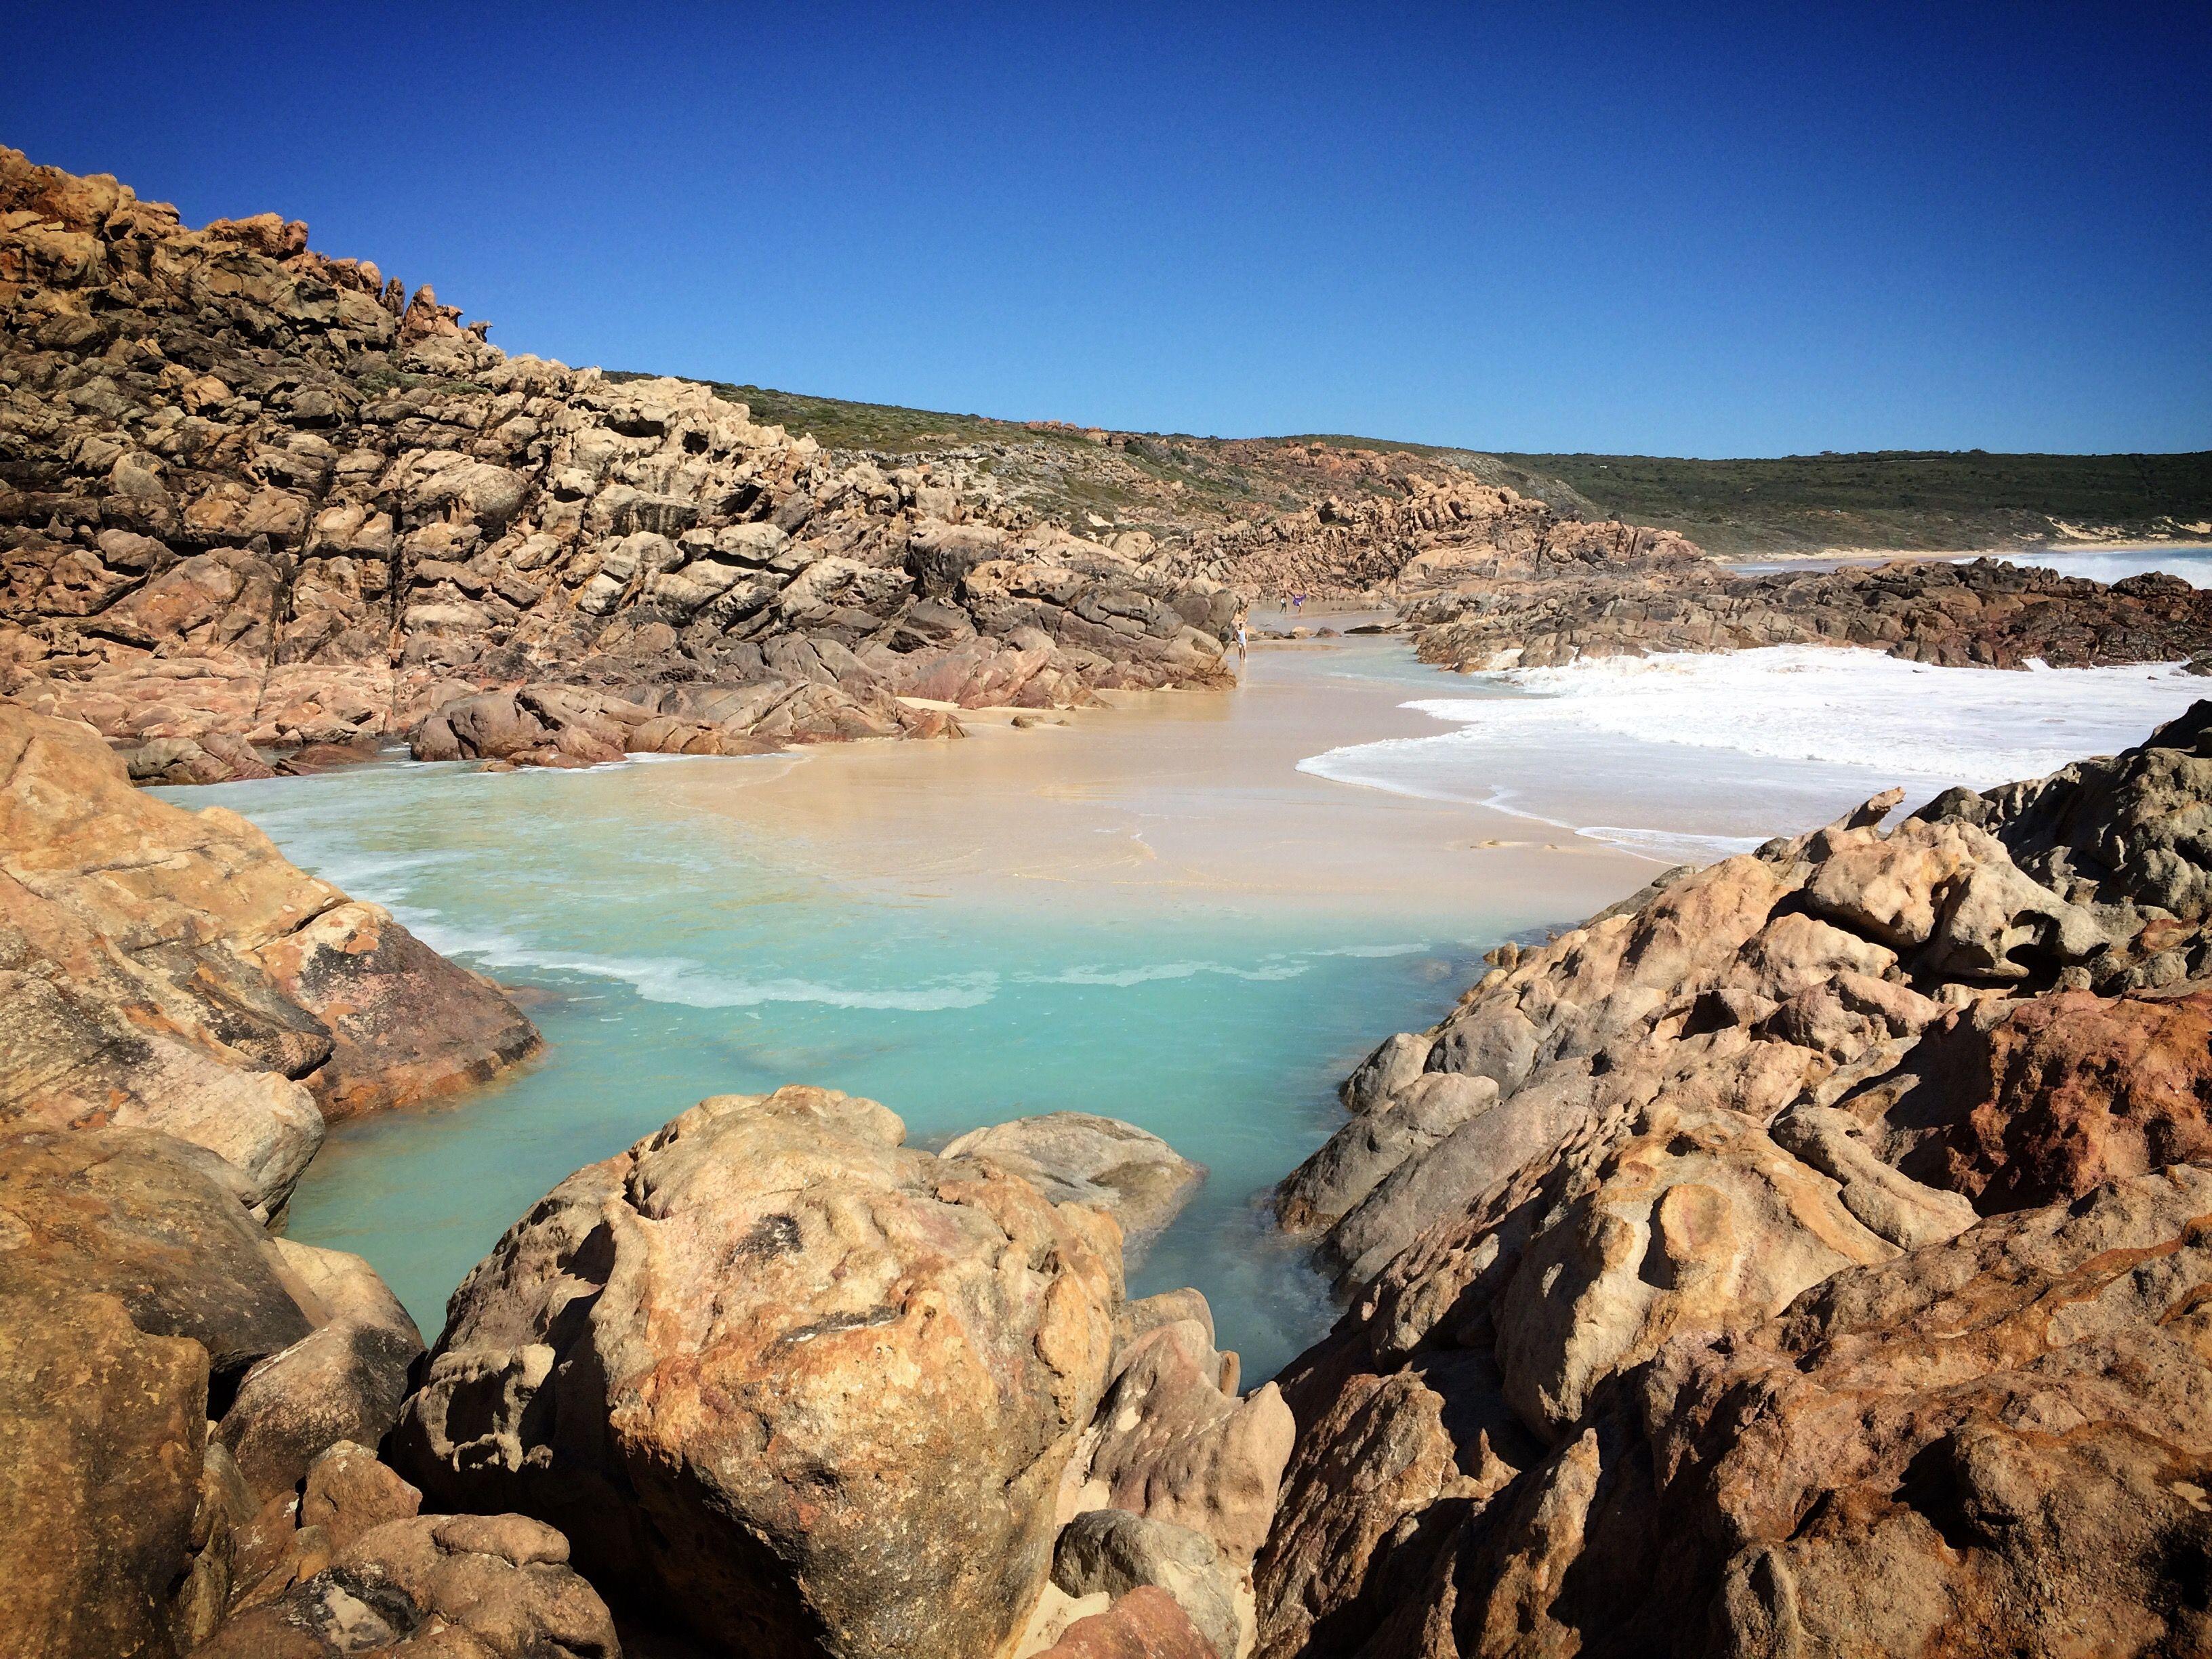 Vista panorámica de Mar y montañas contra el cielo azul claro Margaret River, Australia